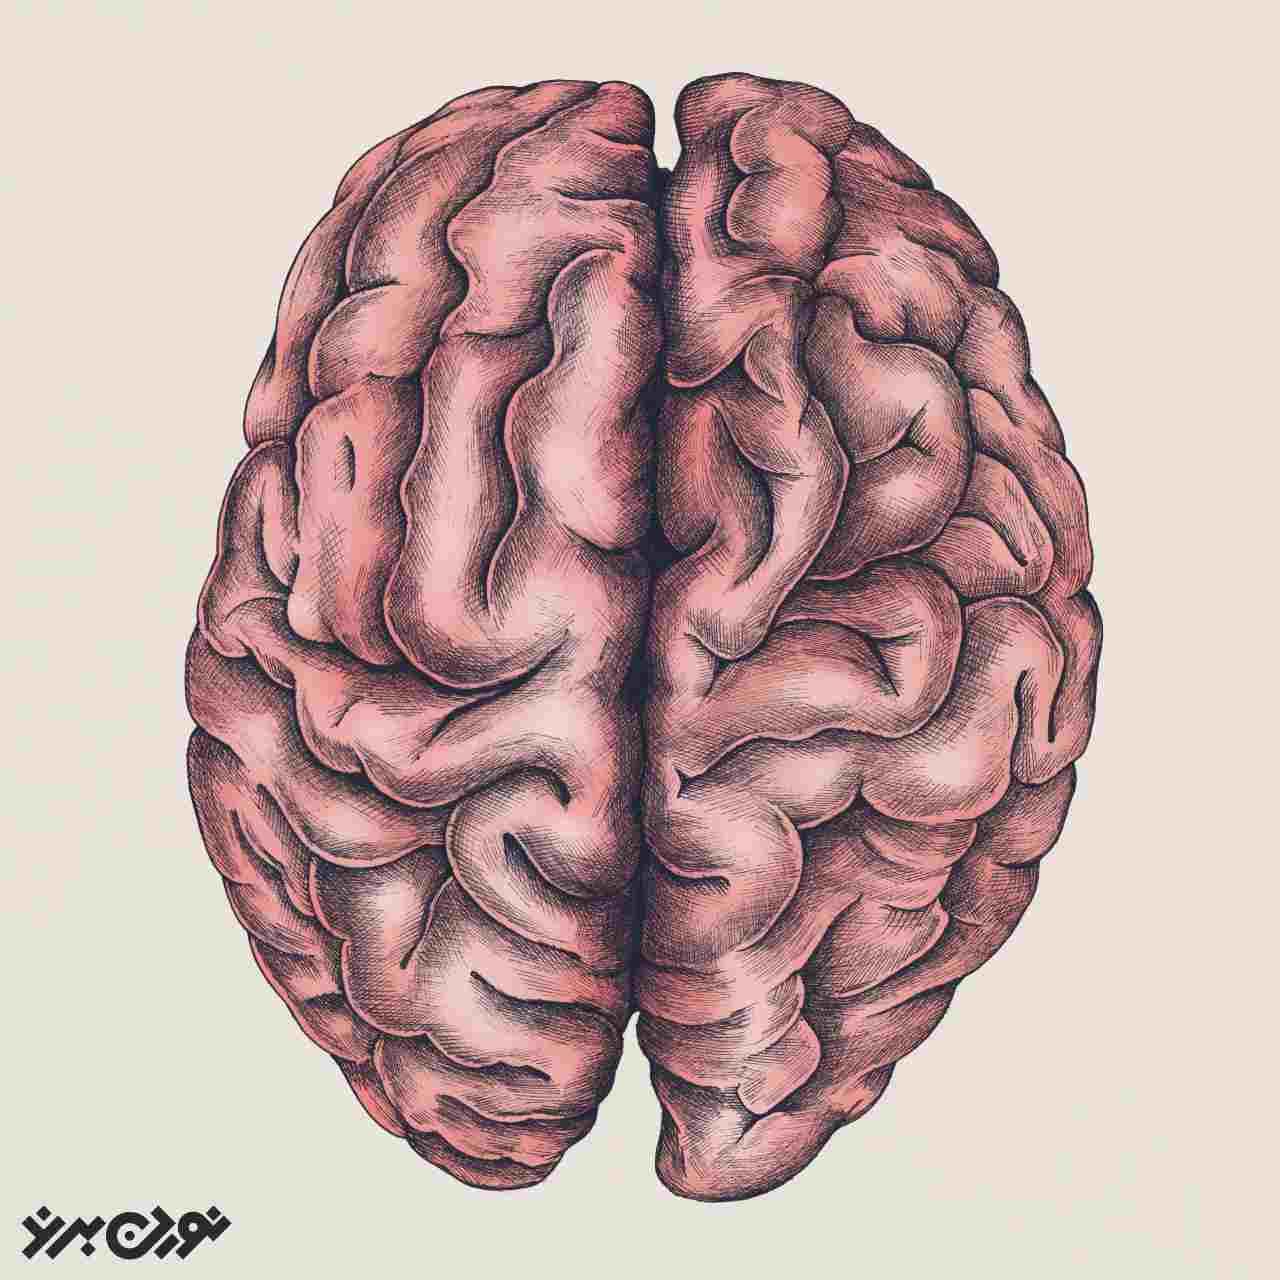 عادات شیارهایی در مغز ایجاد میکنند